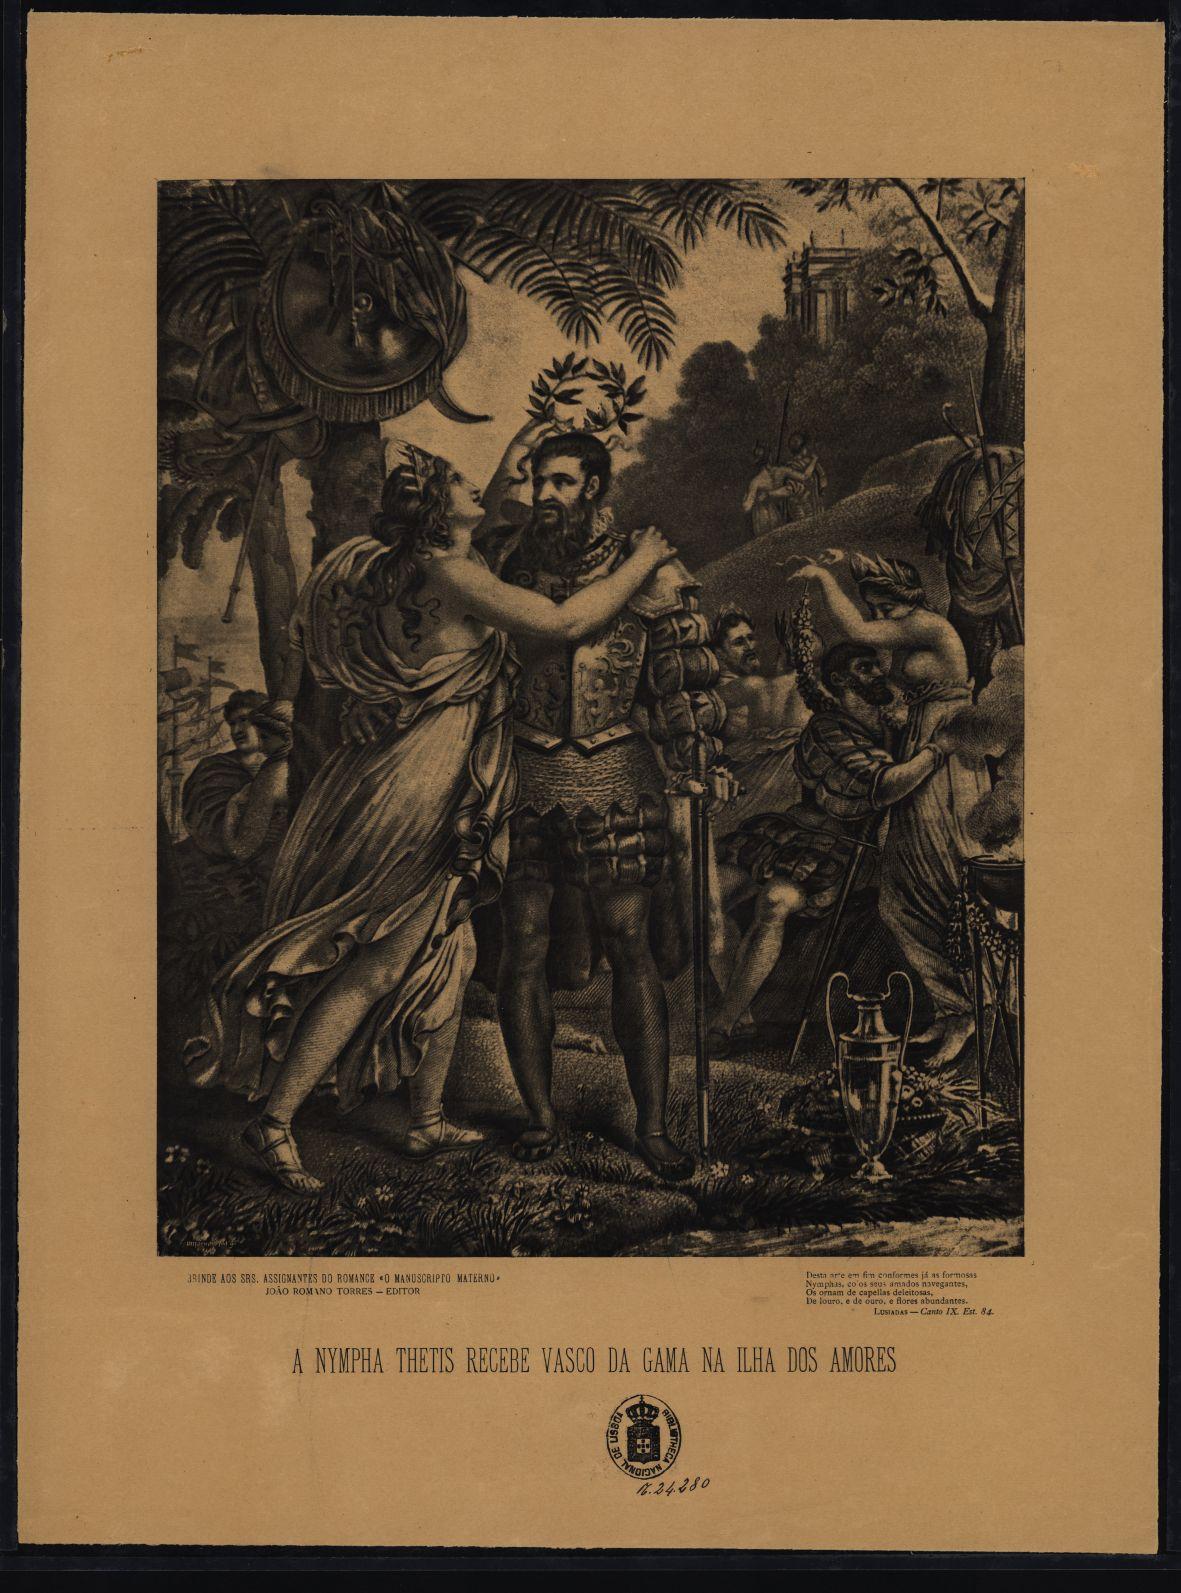 rt ilustr pires marinho, A nympha Thetis recebe Vasco da Gama na ilha dos amores (c.1890)